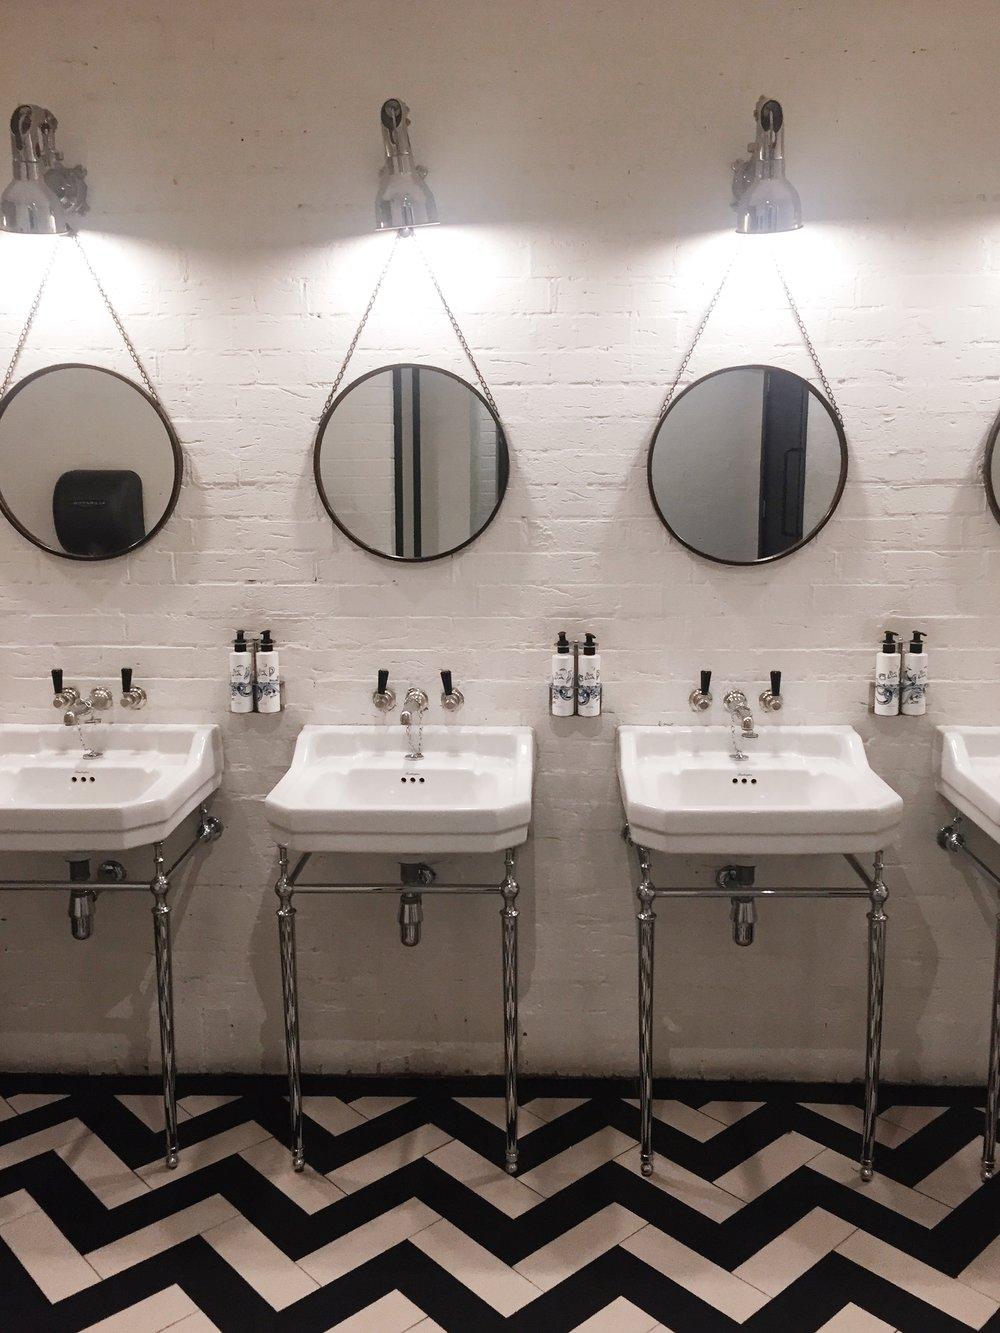 The Hoxton Hotel, Holborn London - chevron tile floors in the bathroom.